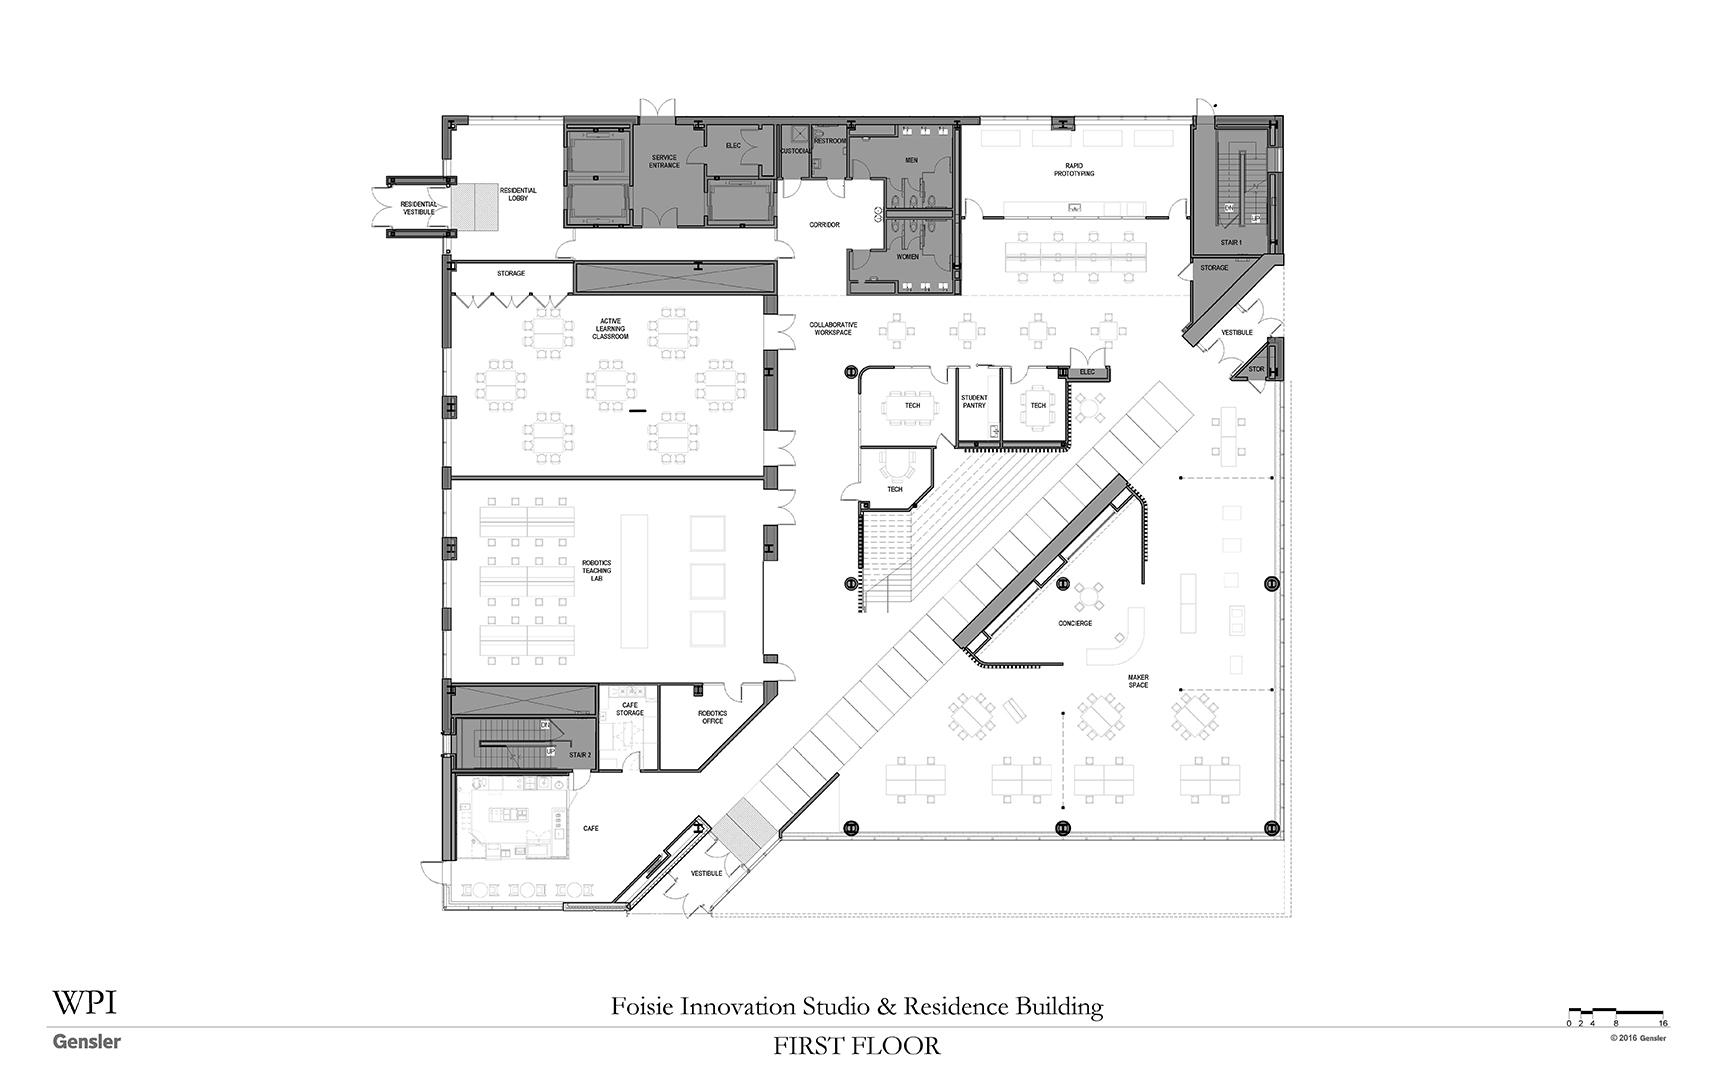 Floor plans for 1st floor of Foisie Innovation Studio